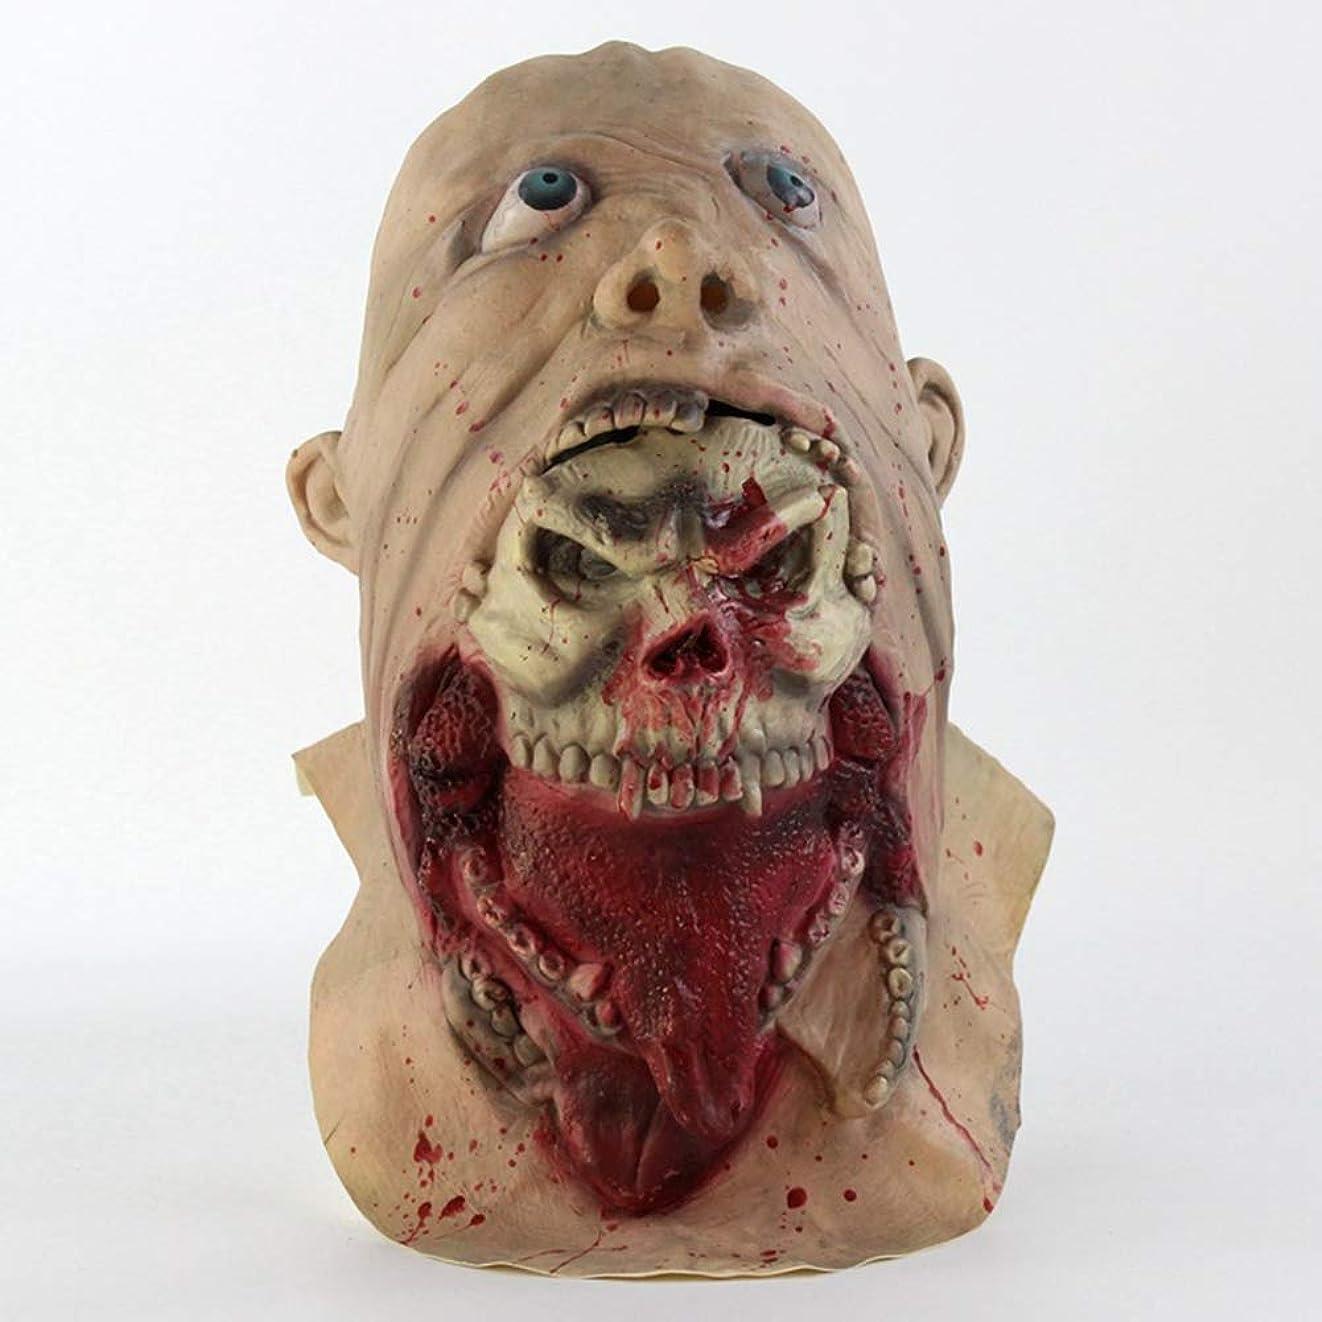 気付く機密銀行ハロウィーンホラーマスク、人の頭のマスクを食べる、創造的な面白いマスク、パーティーメイクラテックスマスク